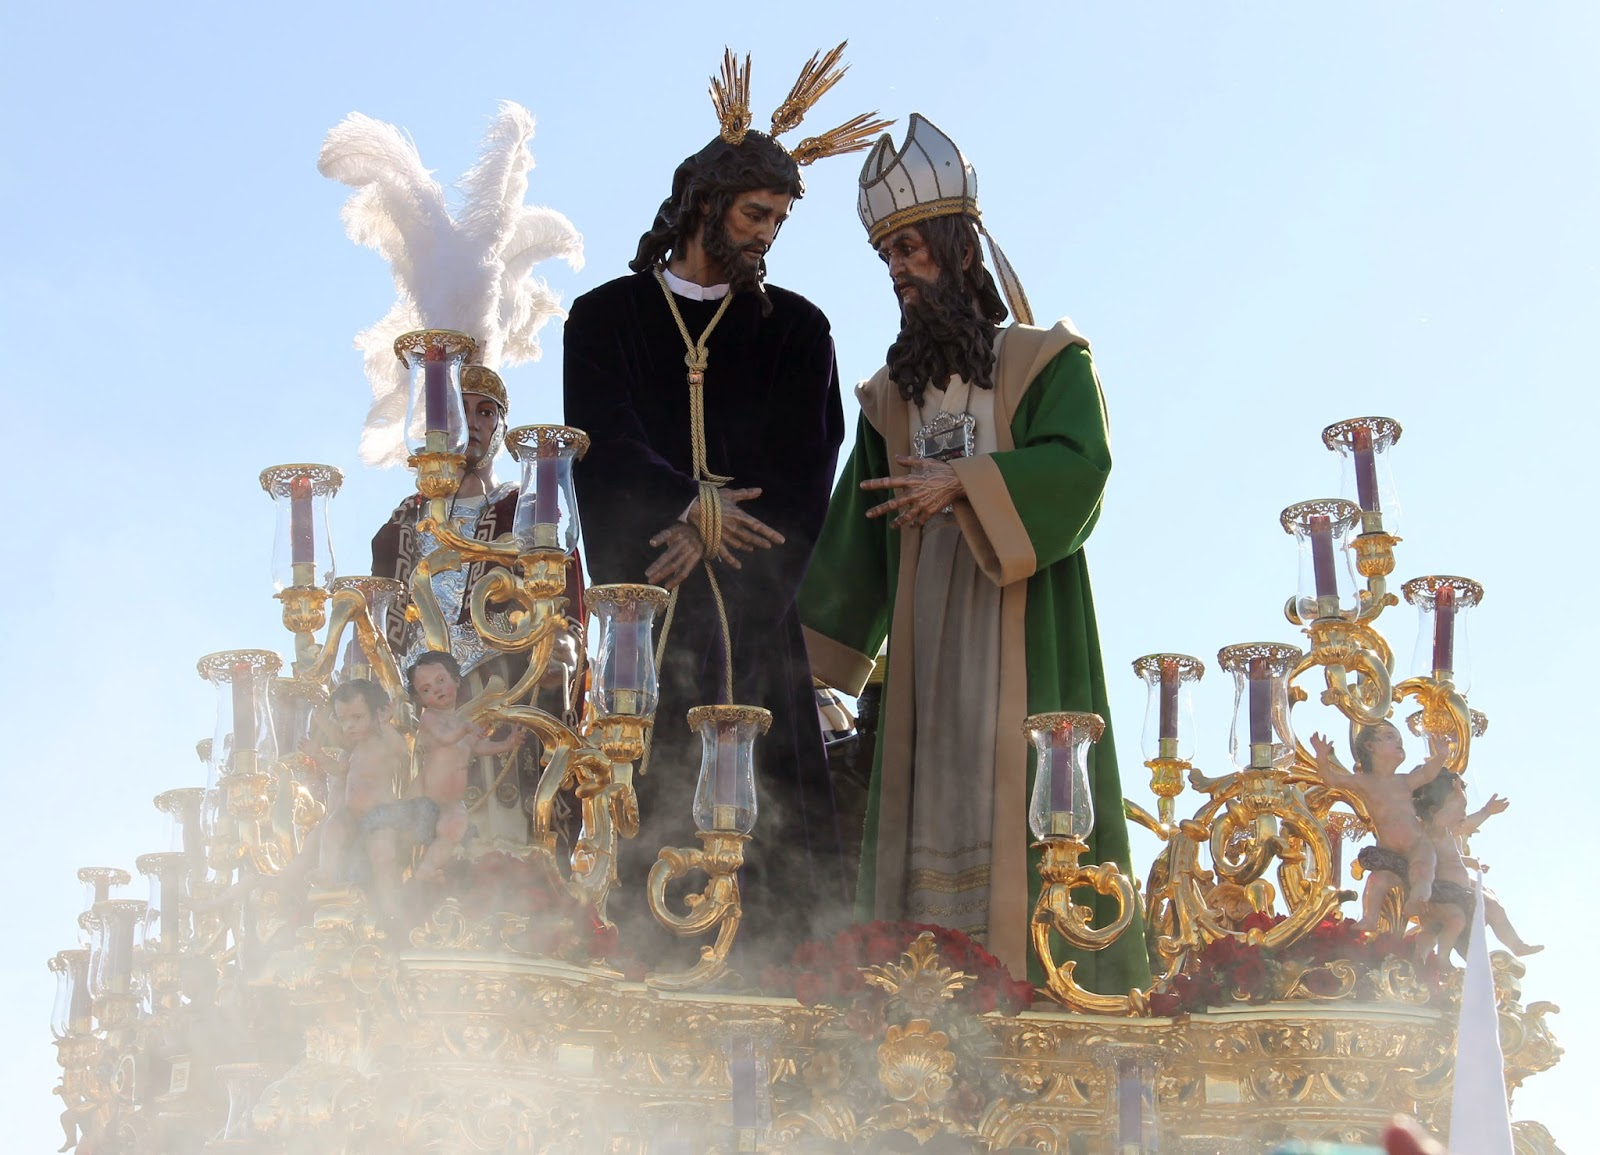 Alba y jesus en el stand de ana g en el feda - 1 part 2